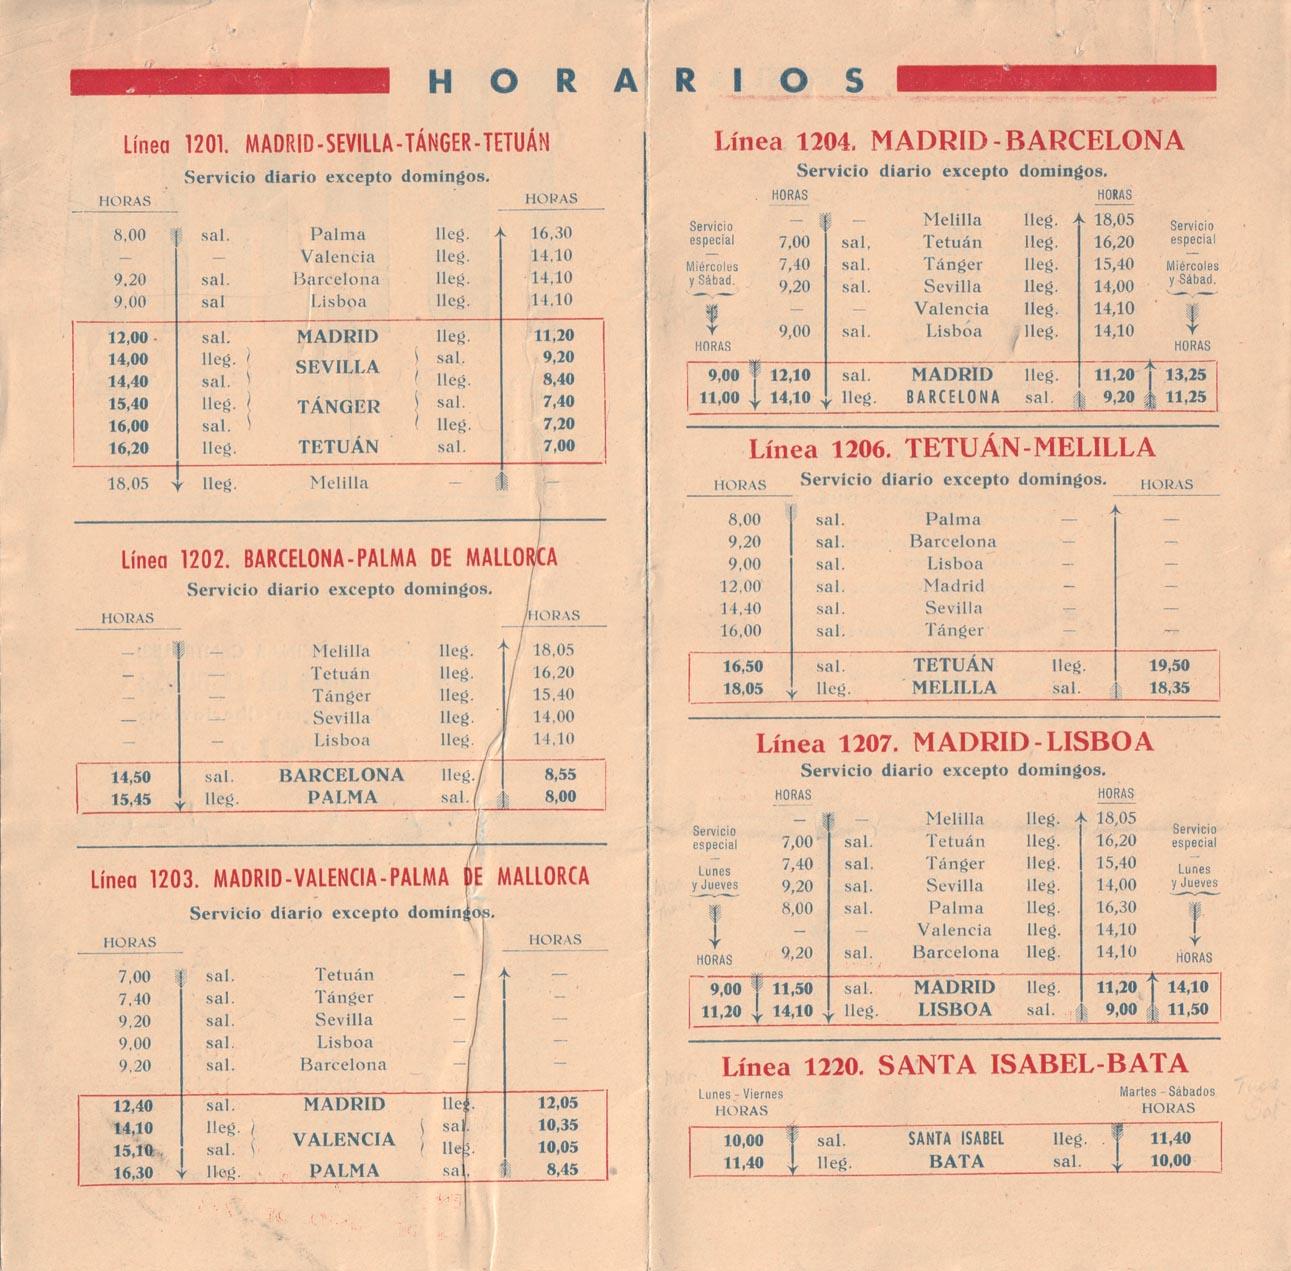 Tabla de horarios y tarifas de Iberia, vigentes desde junio de 1945. Detalle de horarios.